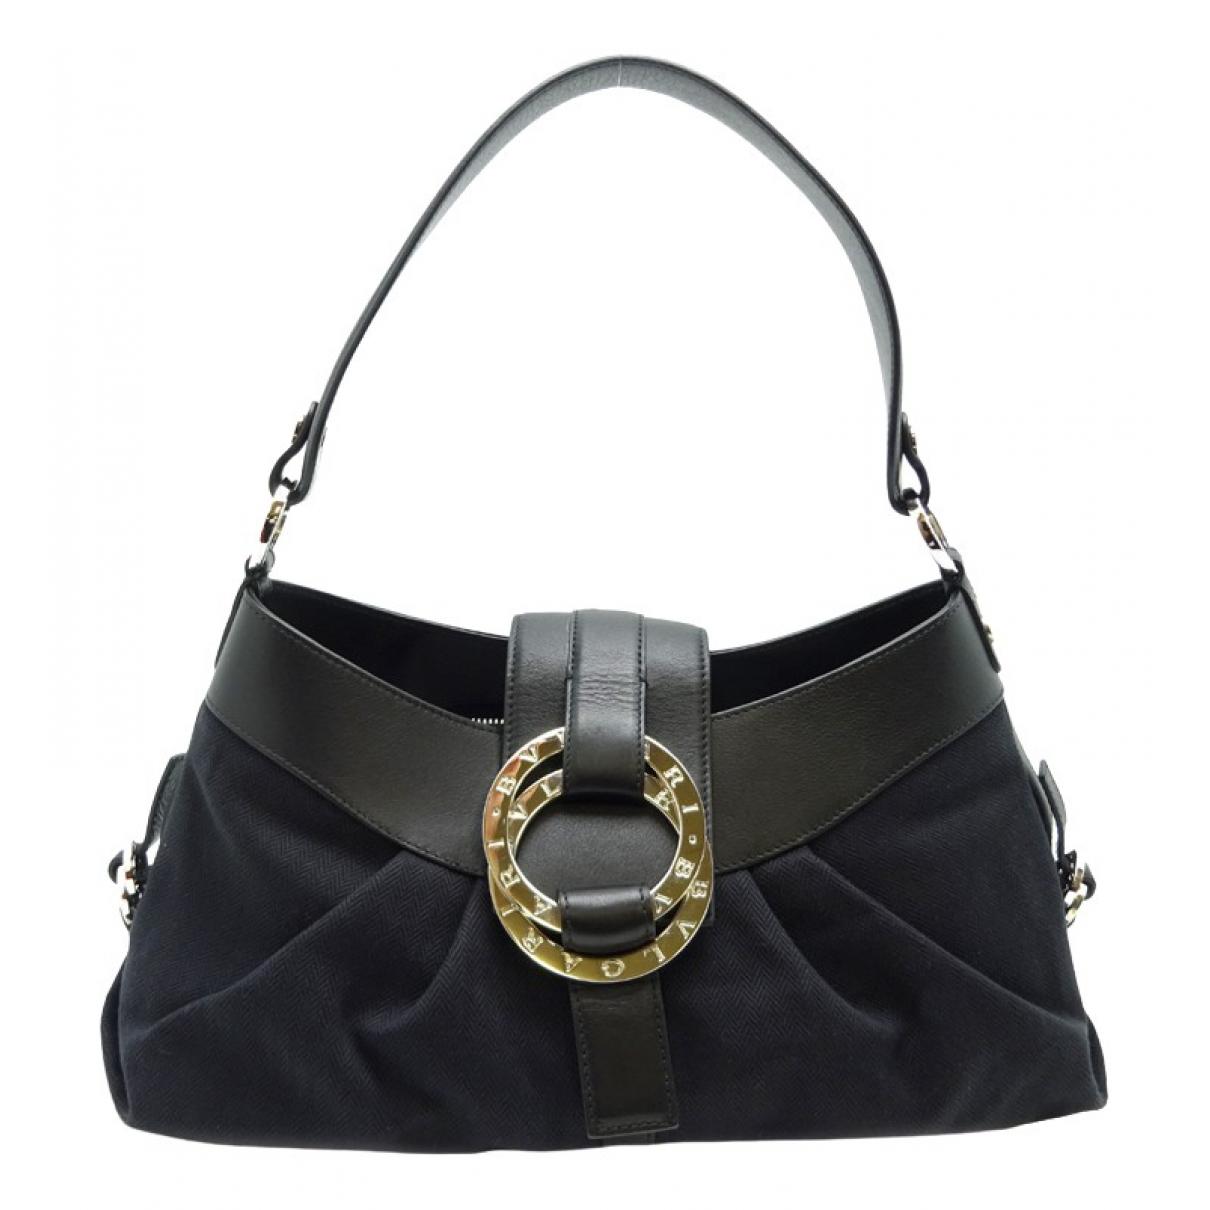 Bvlgari \N Handtasche in  Schwarz Leinen